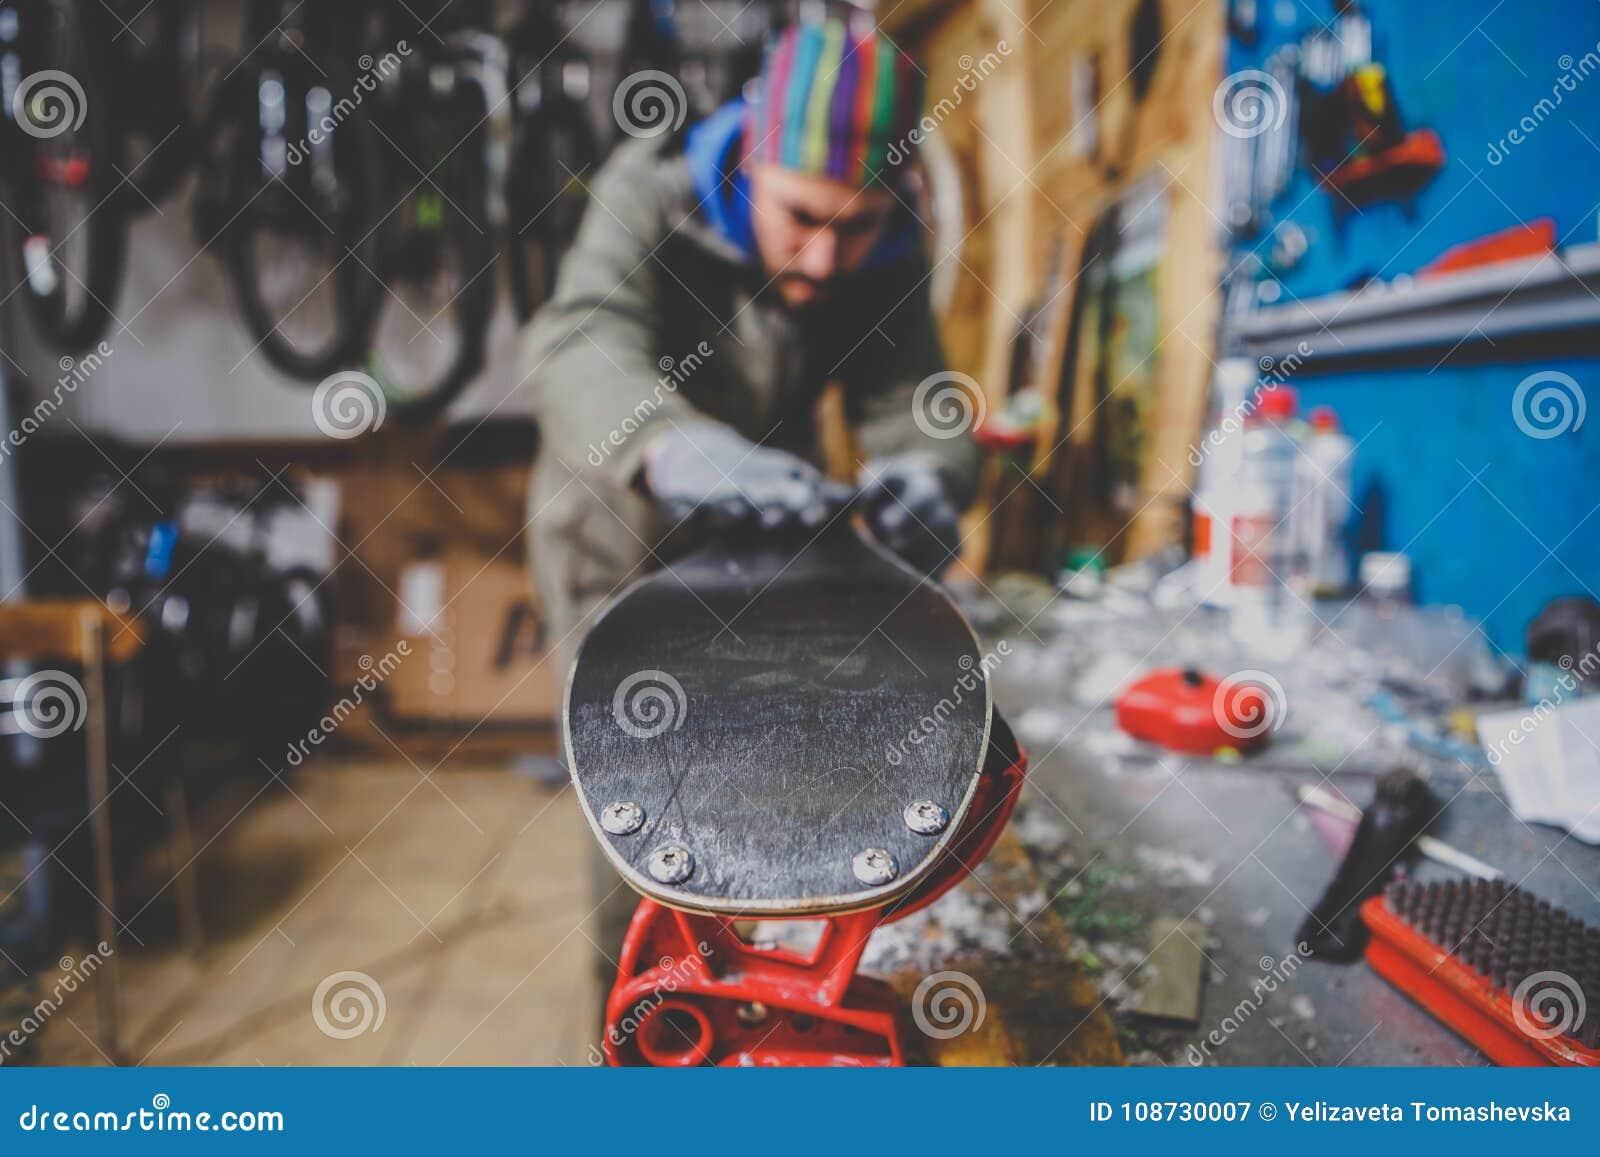 Επισκευές θέματος και συντήρηση των σκι Ο άνδρας εργαζόμενος επισκευάζει τα ενδύματα εργασίας, εφαρμόζοντας το κερί στην επιφάνει